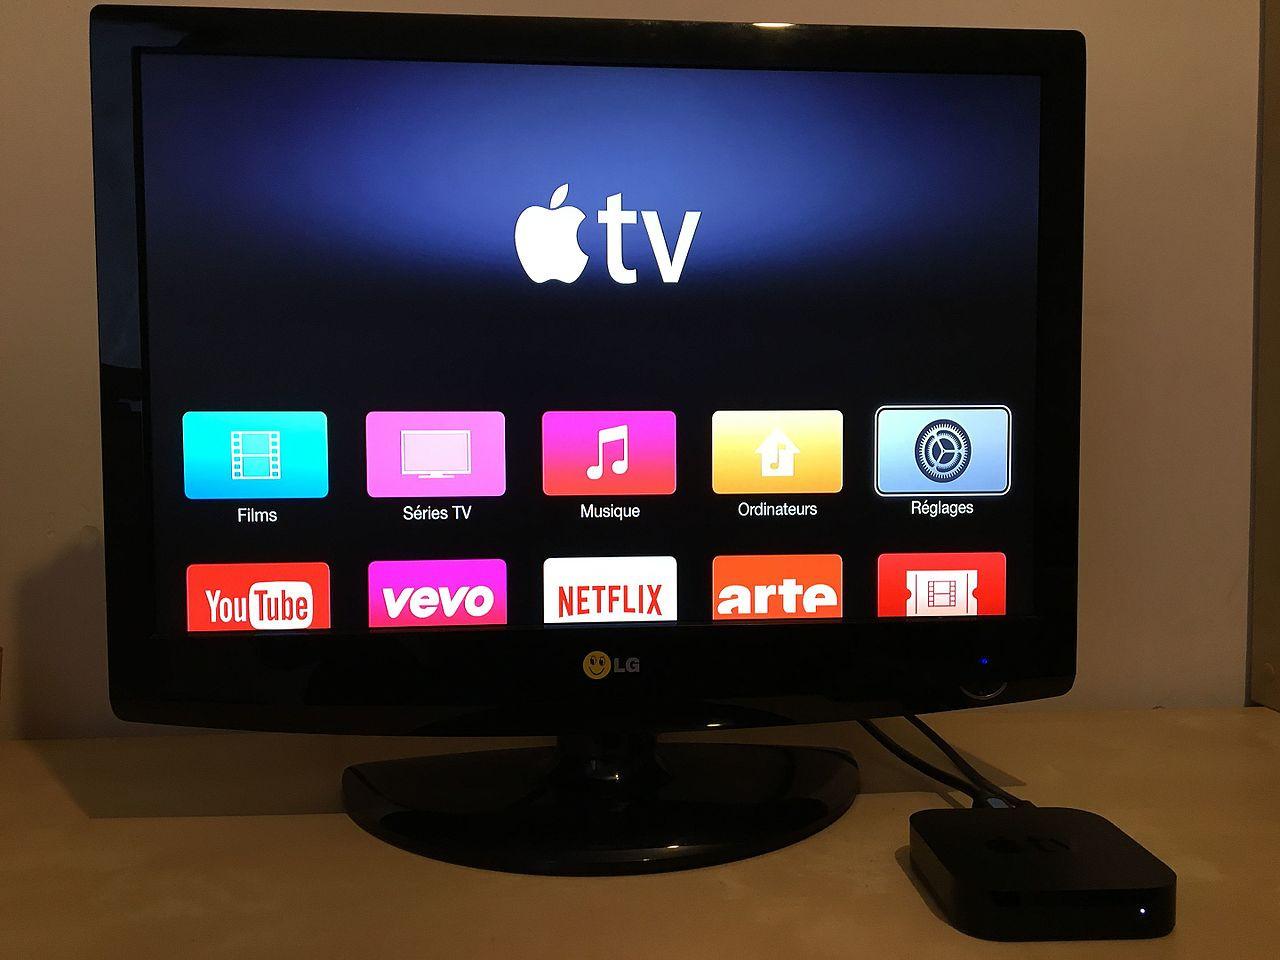 Como puedo ver Disney Plus en Apple TV